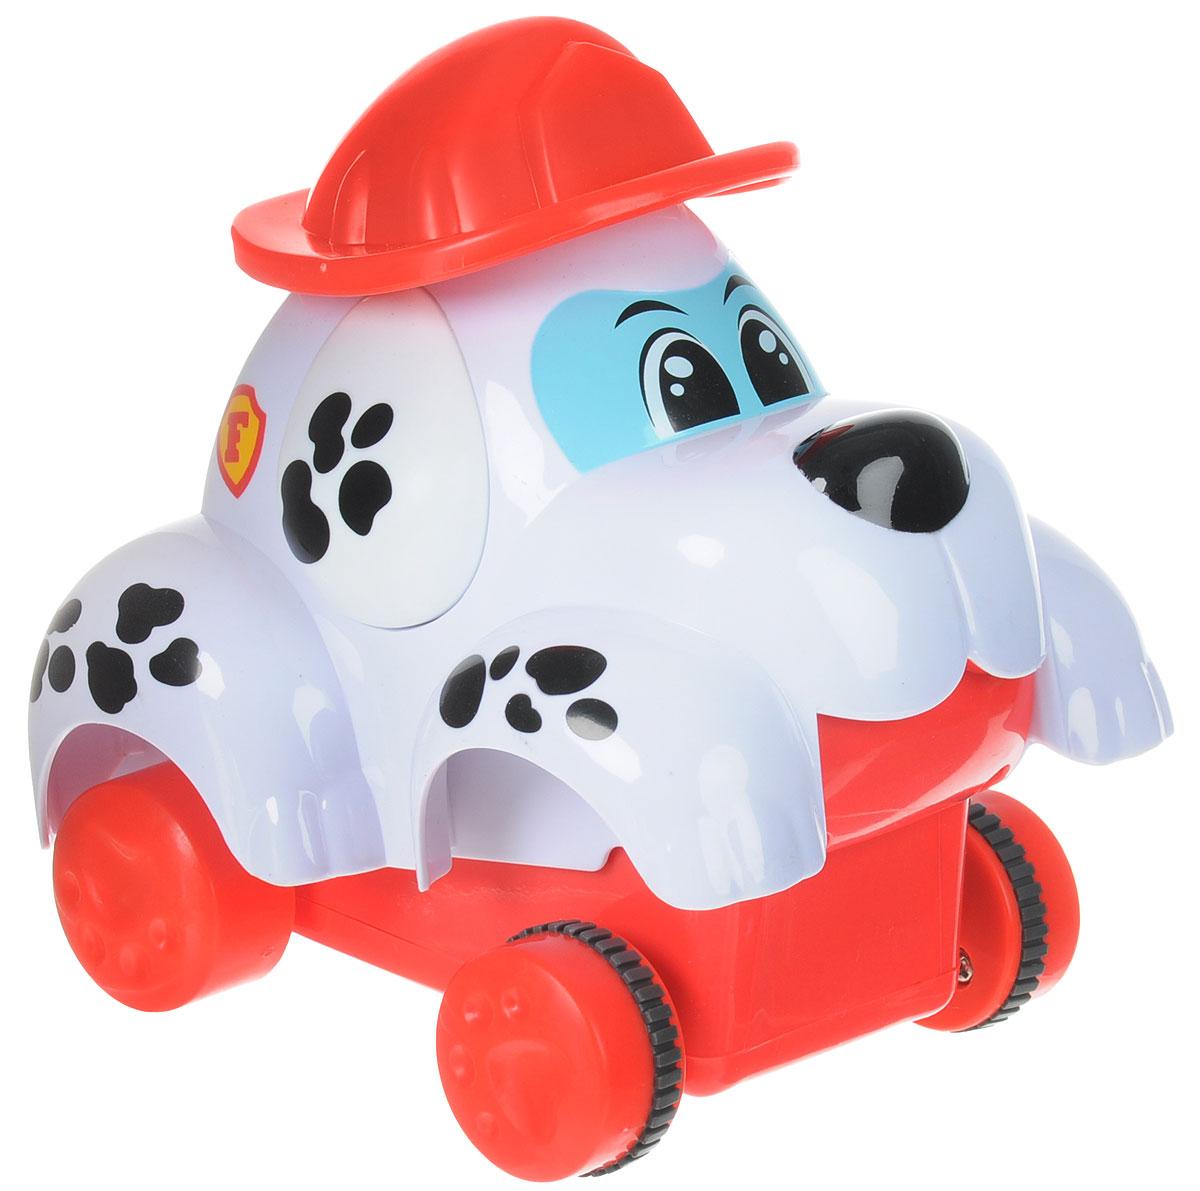 Keenway Развивающая игрушка Собачья служба Пожарный keenway развивающая игрушка собачья служба пожарный